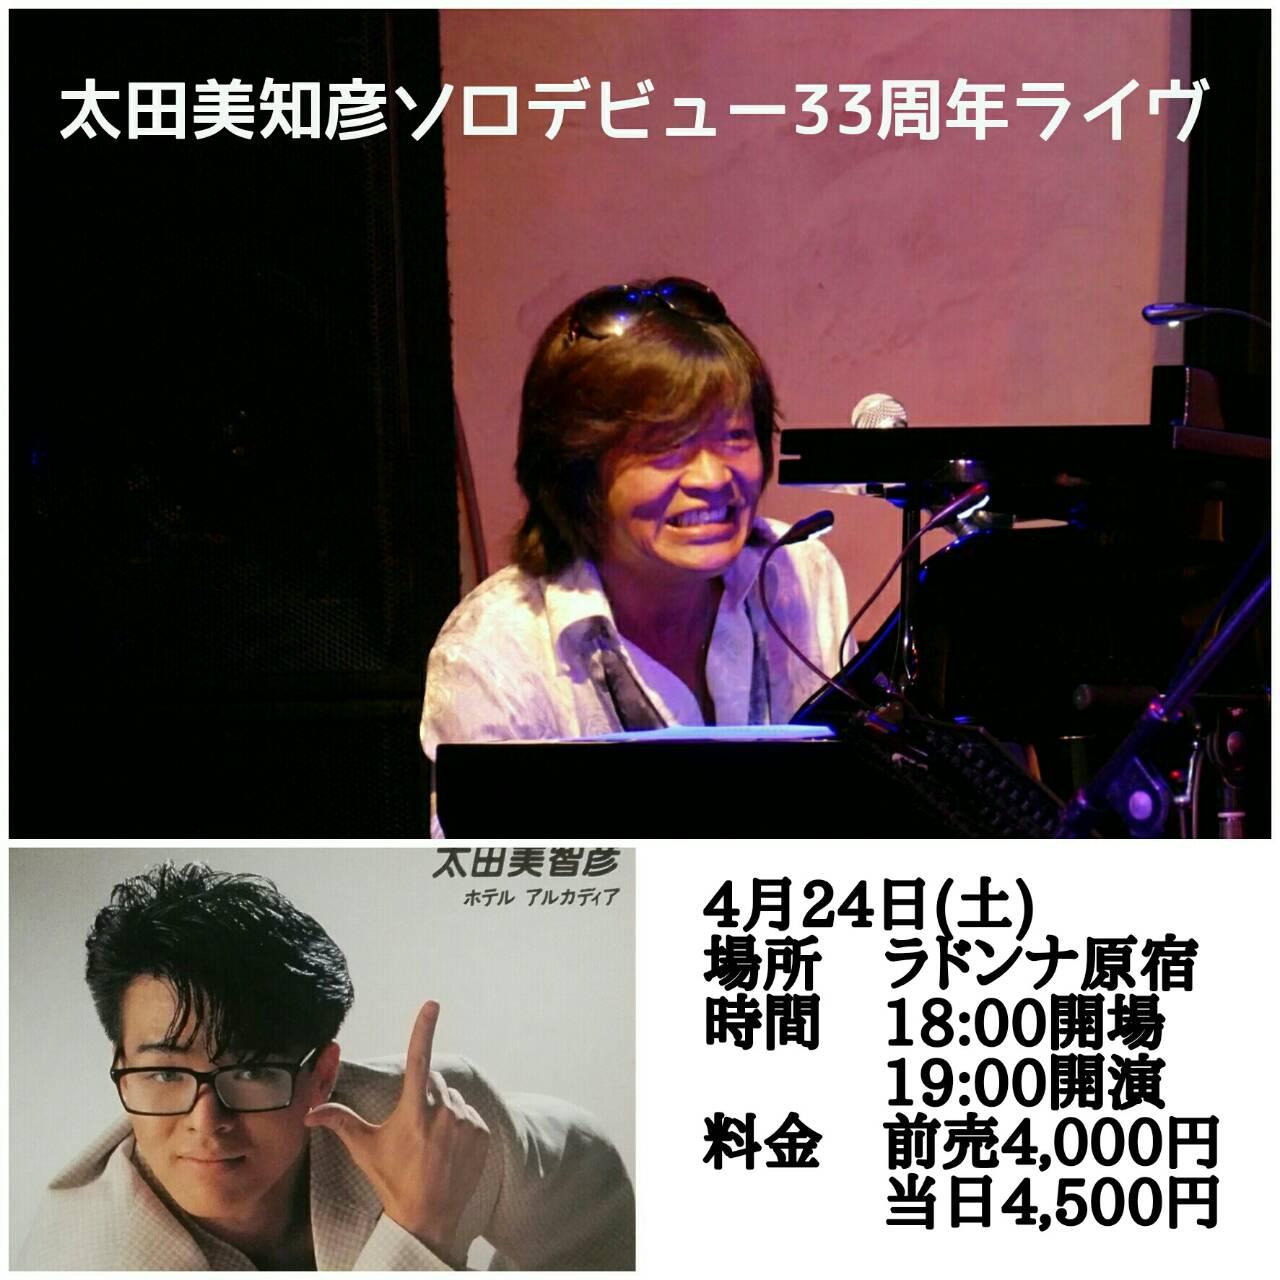 【公演延期】太田美知彦ソロデビュー33周年ライヴ